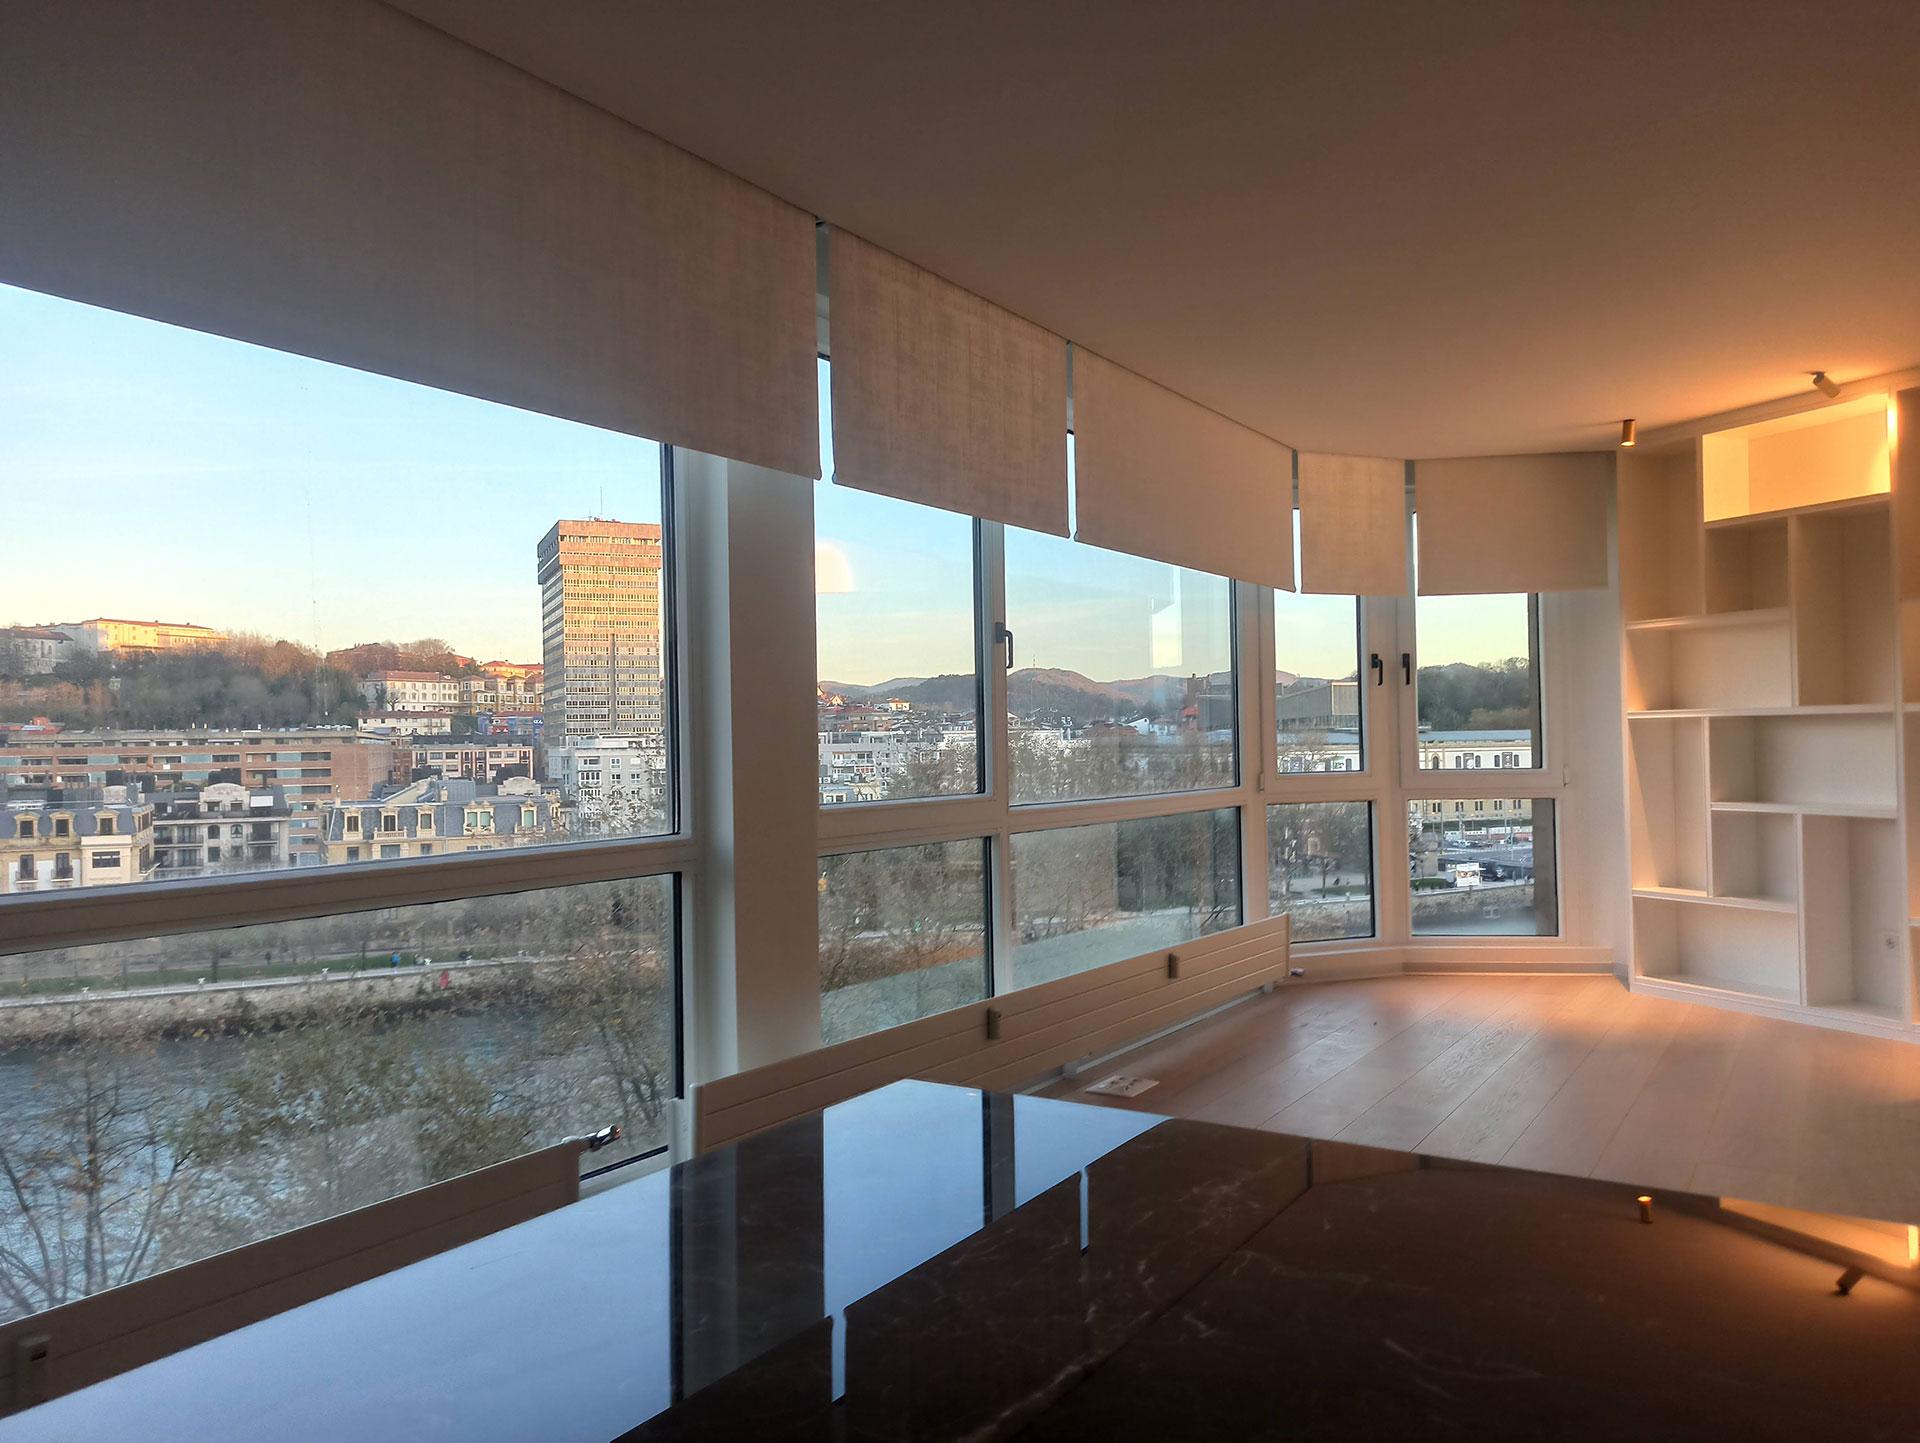 Instalación de estores en oficina de San Sebastián con vistas al río